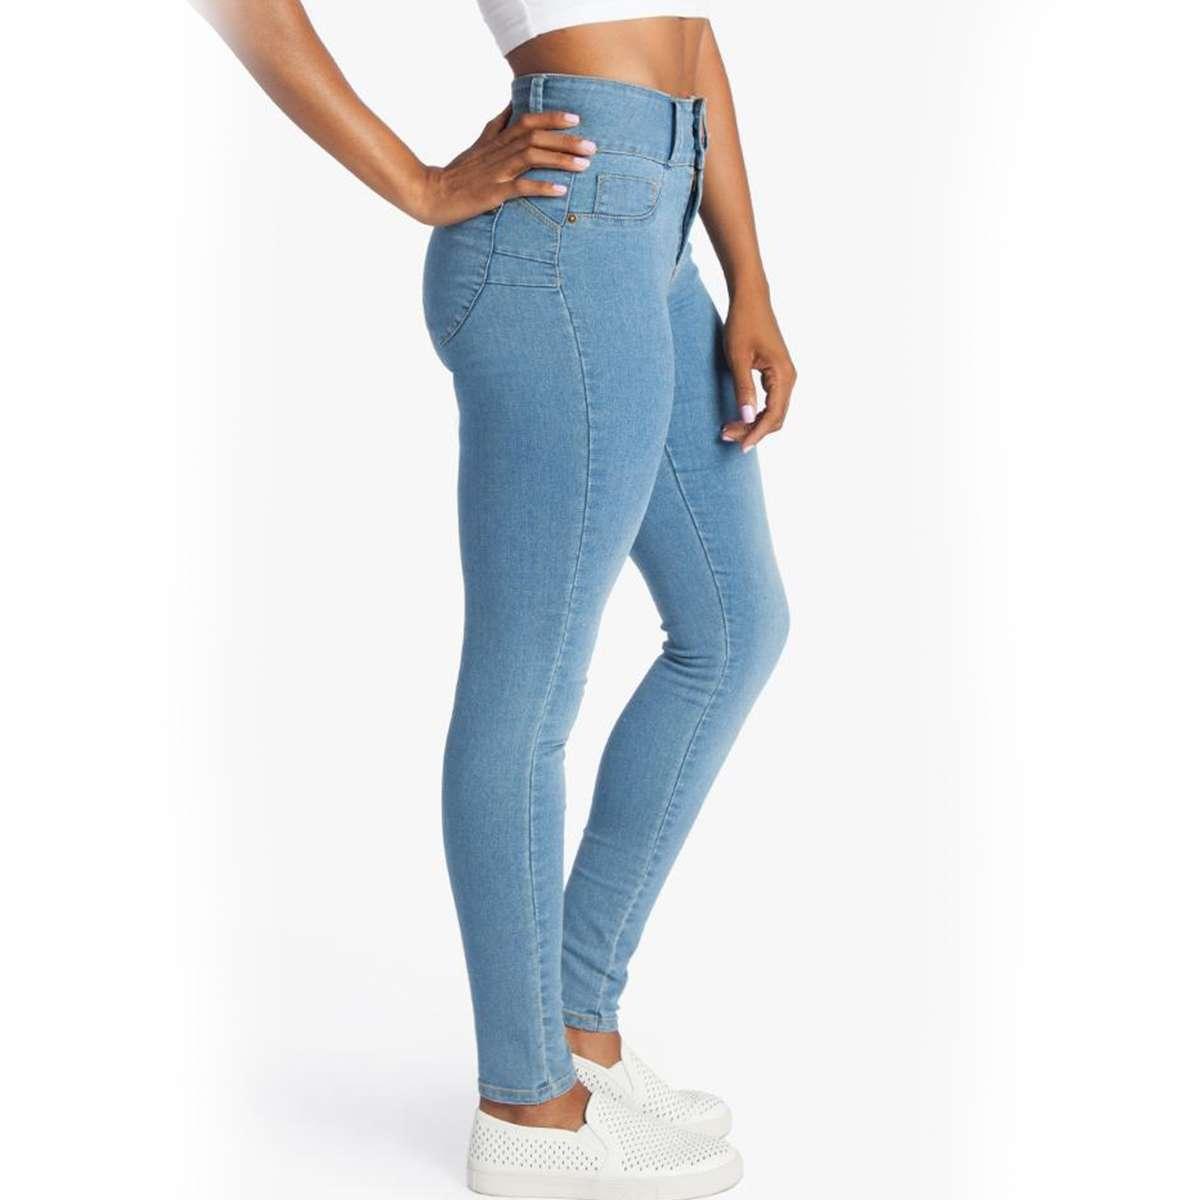 Утягивающие джинсы MyFit в Златоусте